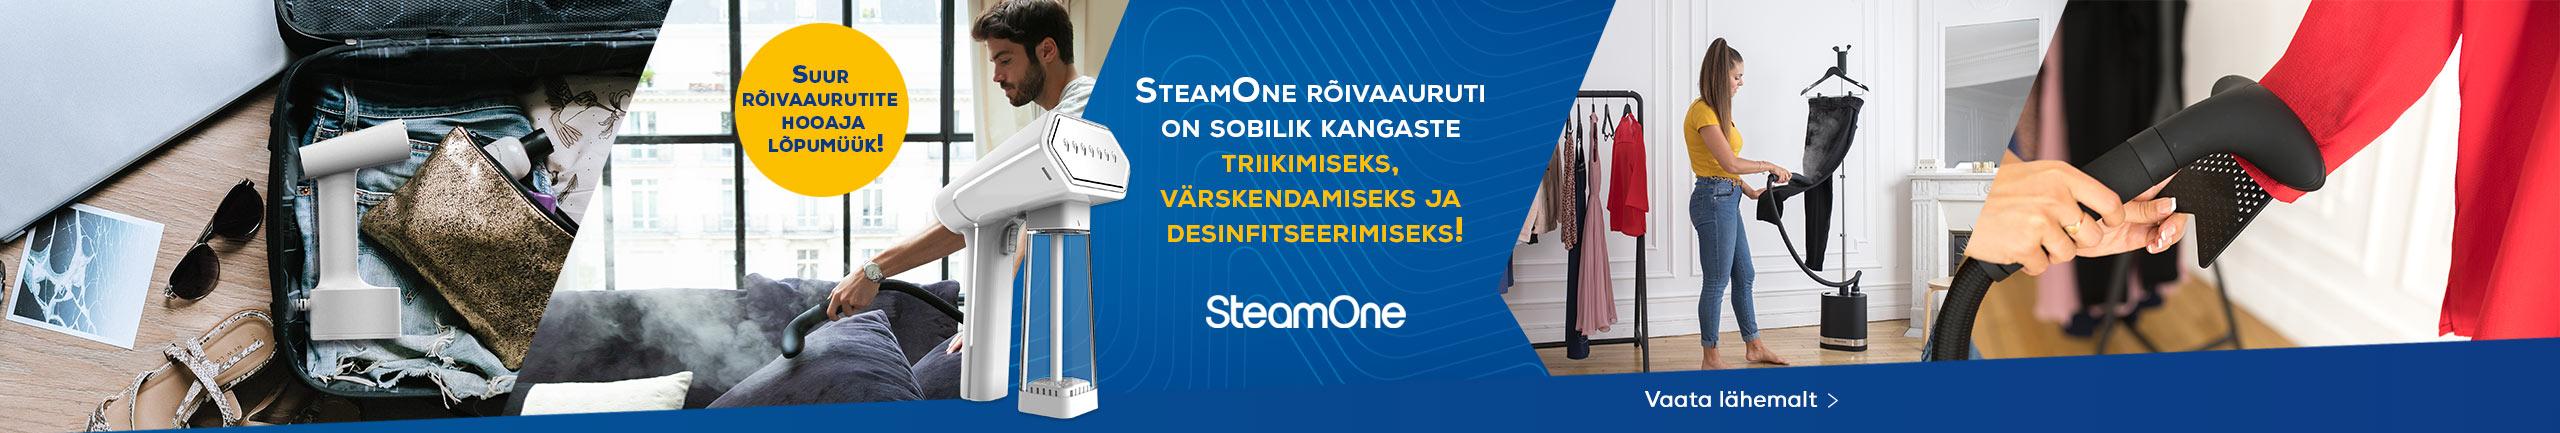 SteamOne rõivaauruti